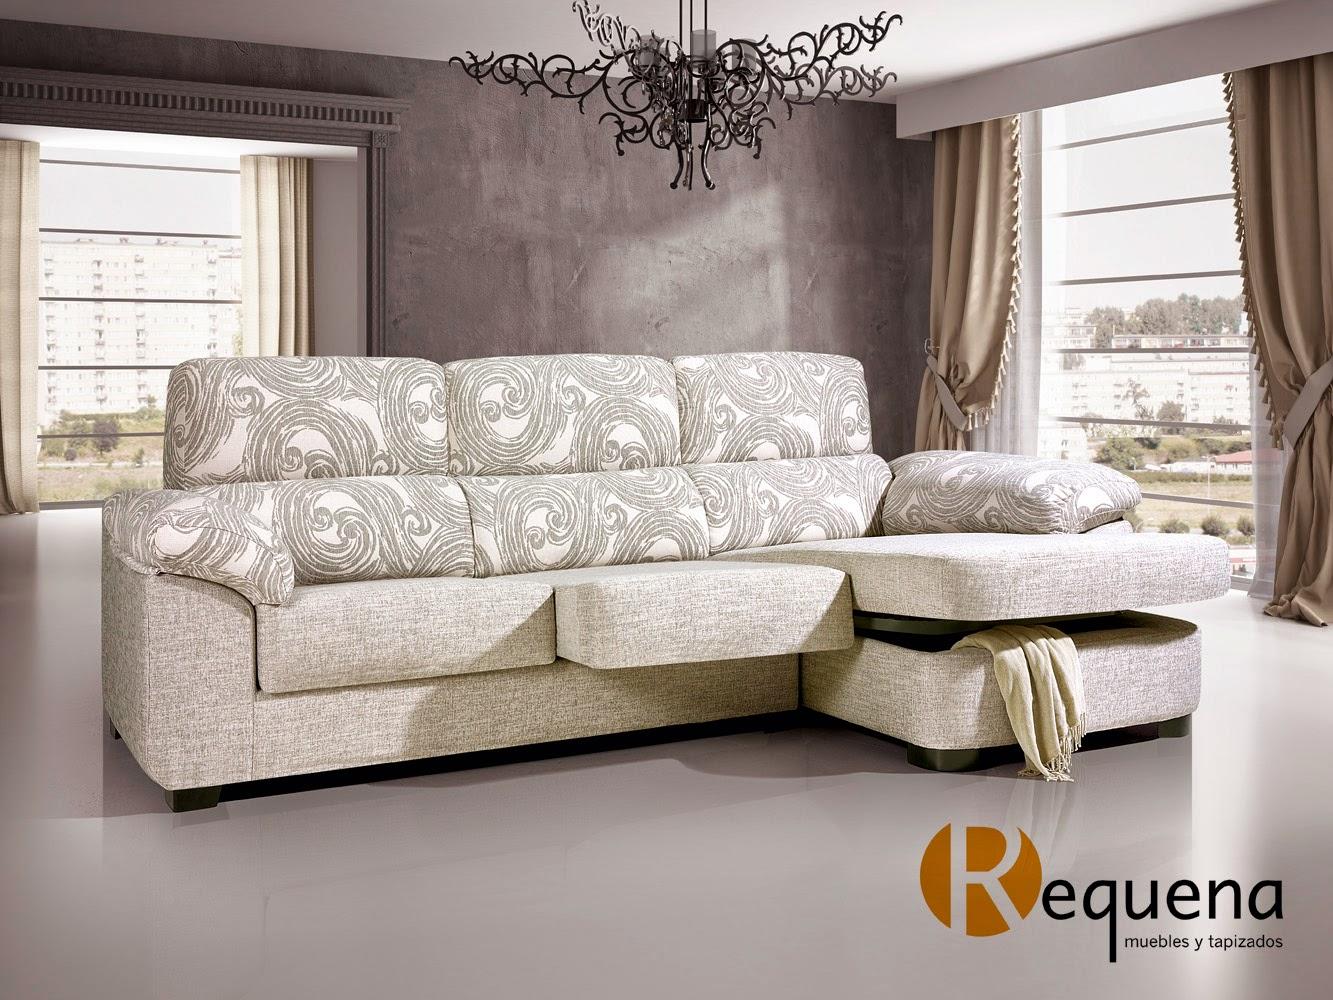 Muebles y tapizados requena tendencias 2015 estilos y - Tapizados para sofas ...